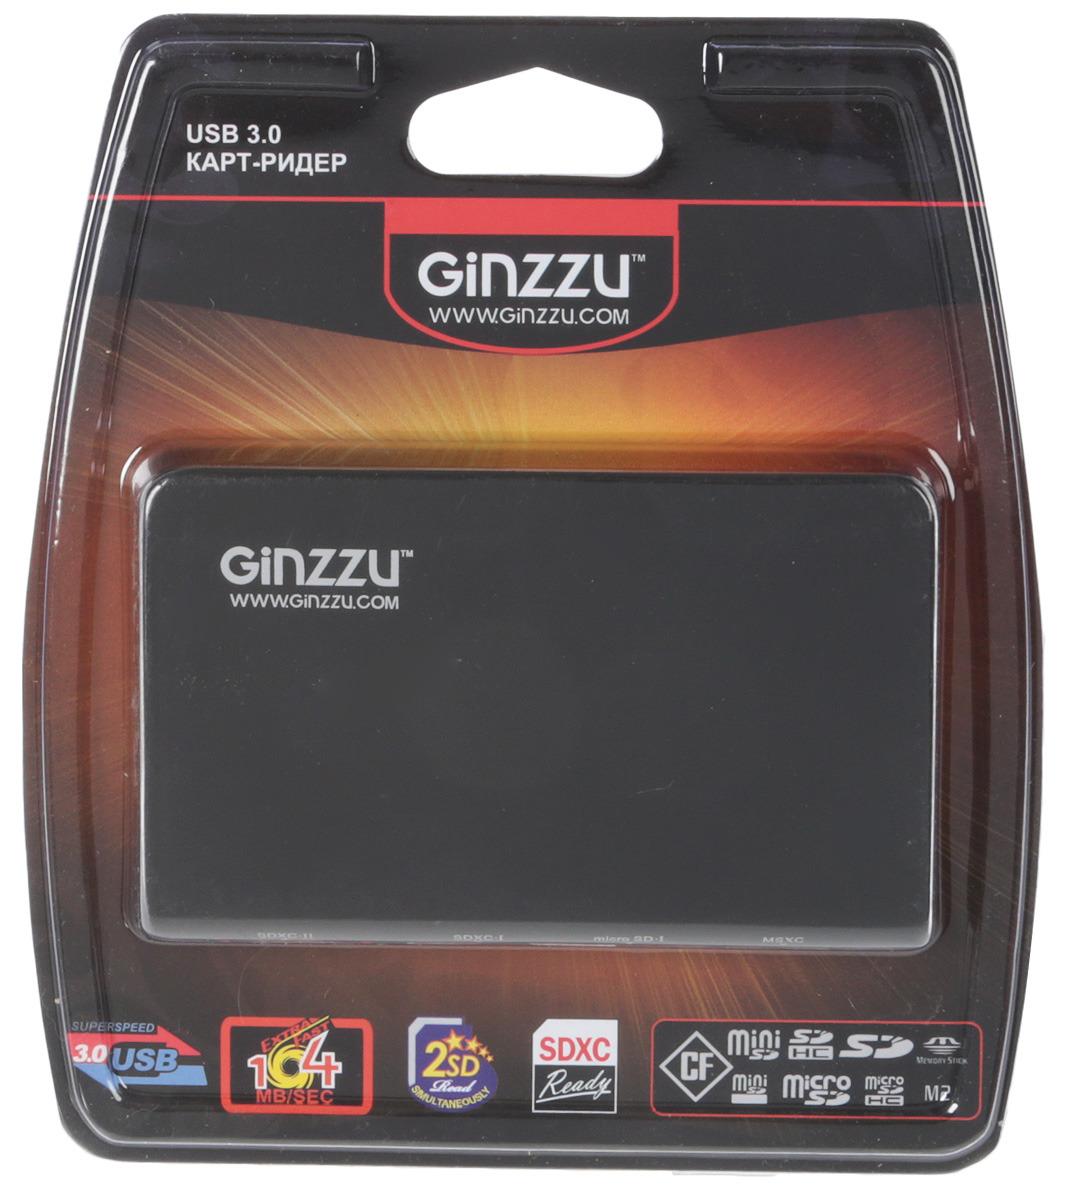 Картридер EXT GR-336B USB 3.0 Ginzzu карт ридер usb 2 0 konoos uk 15 5 разъемов для карт памяти sd mmc sdhc ms m2 xd tf коробк